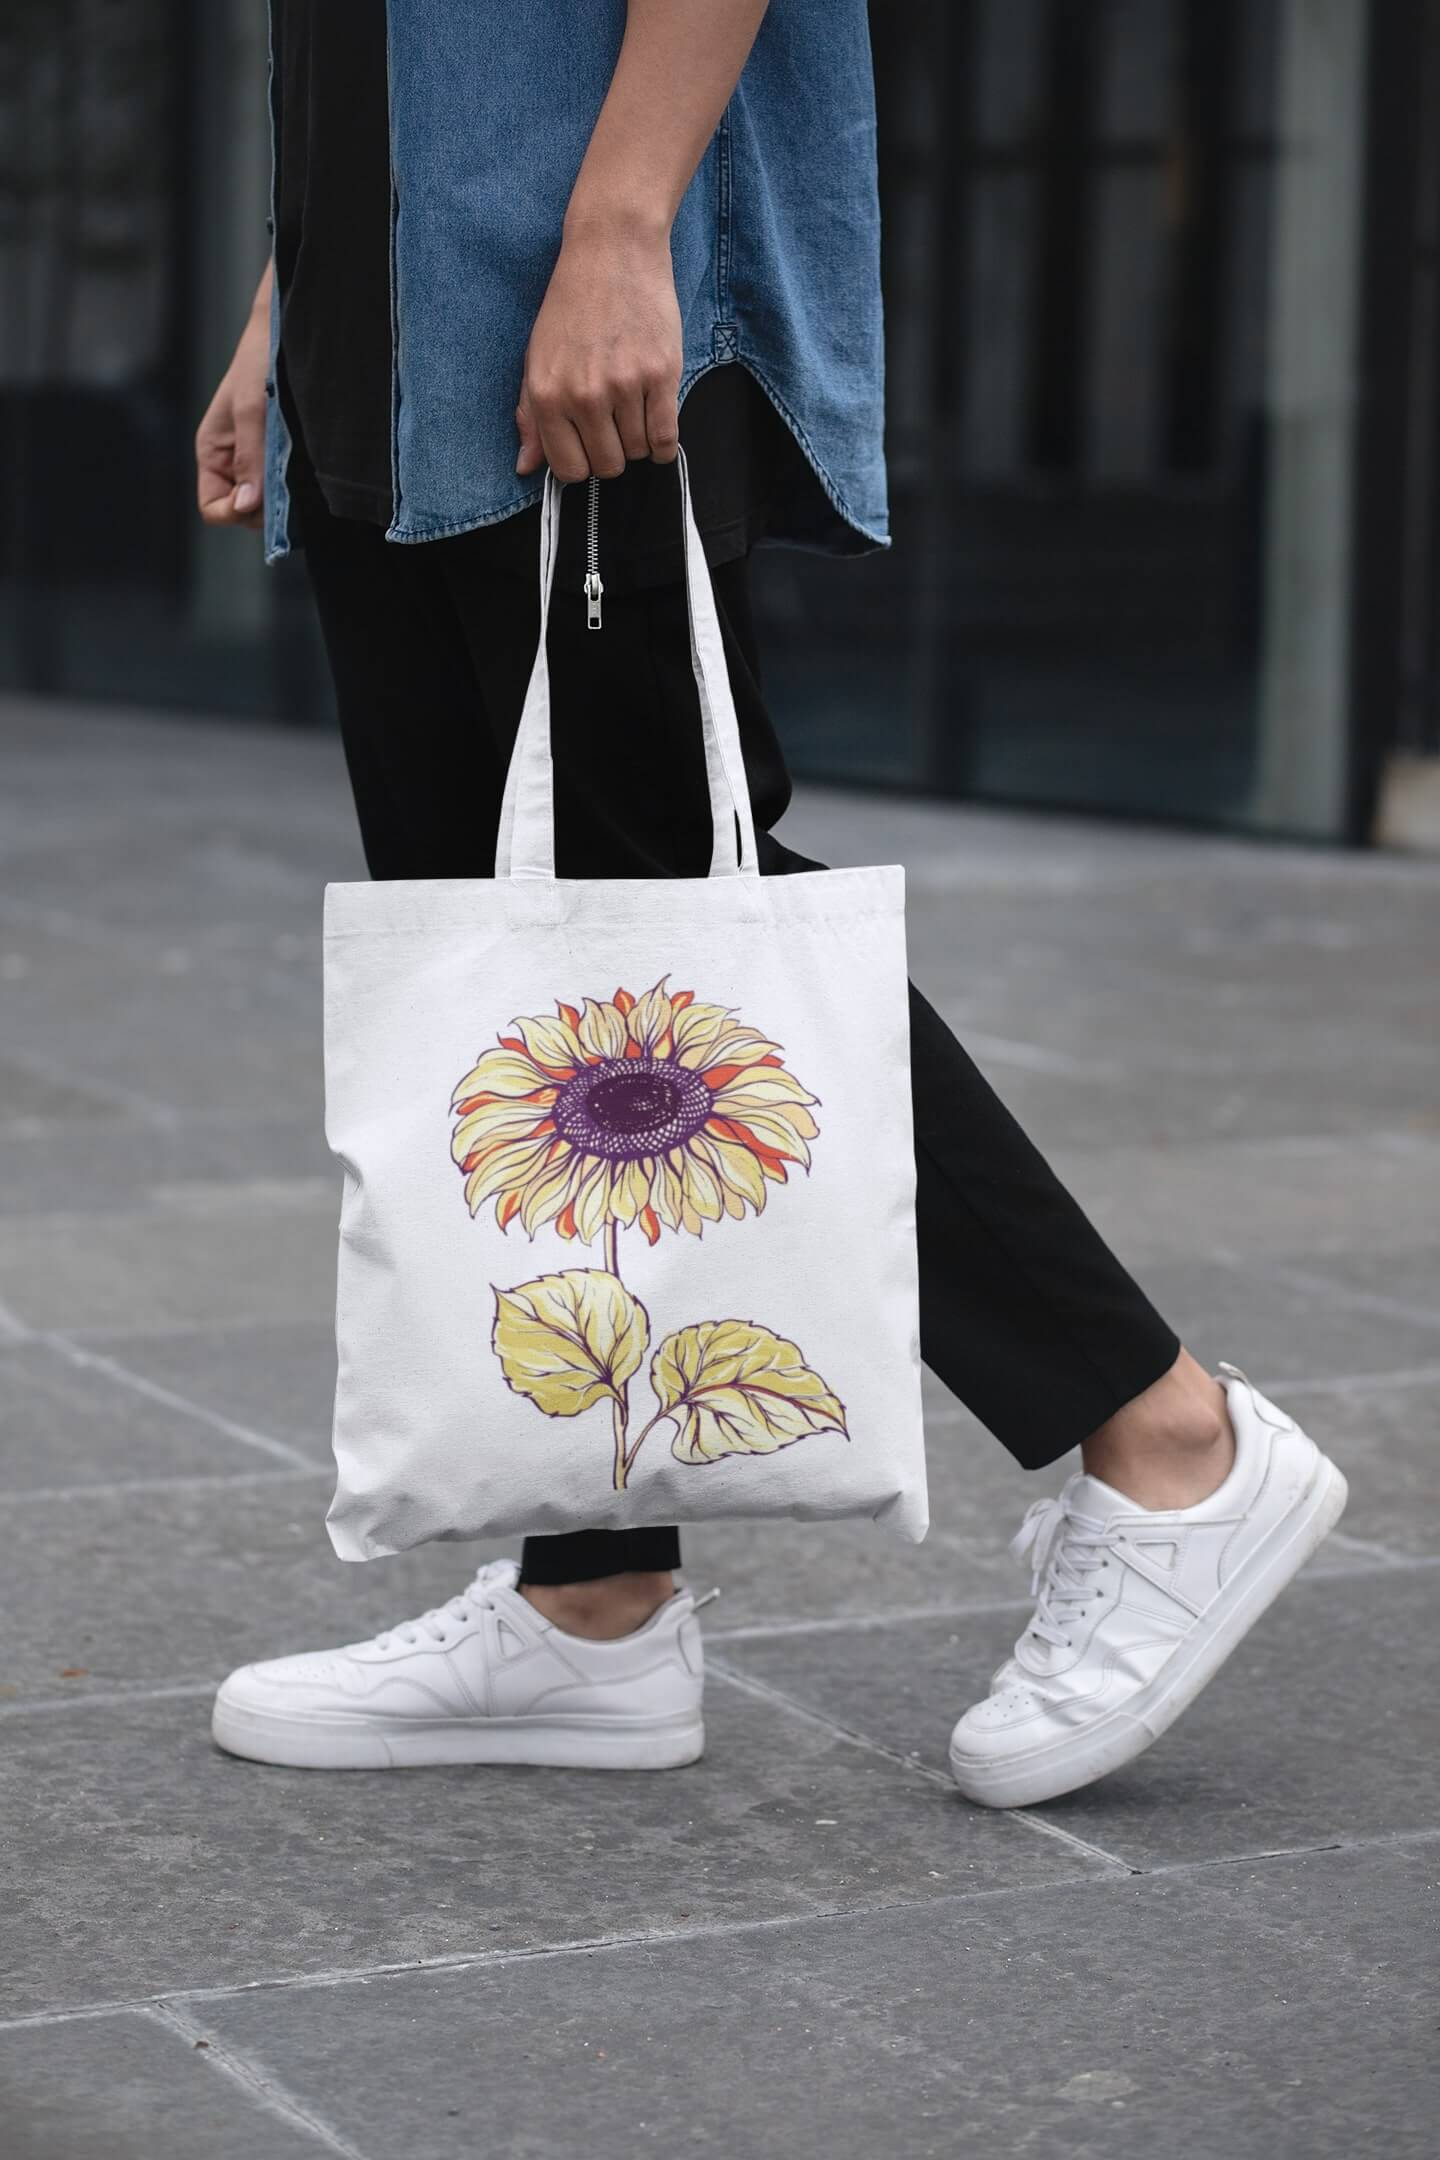 MMO Bavlnená taška Slnečnica Farba tašky: Biela